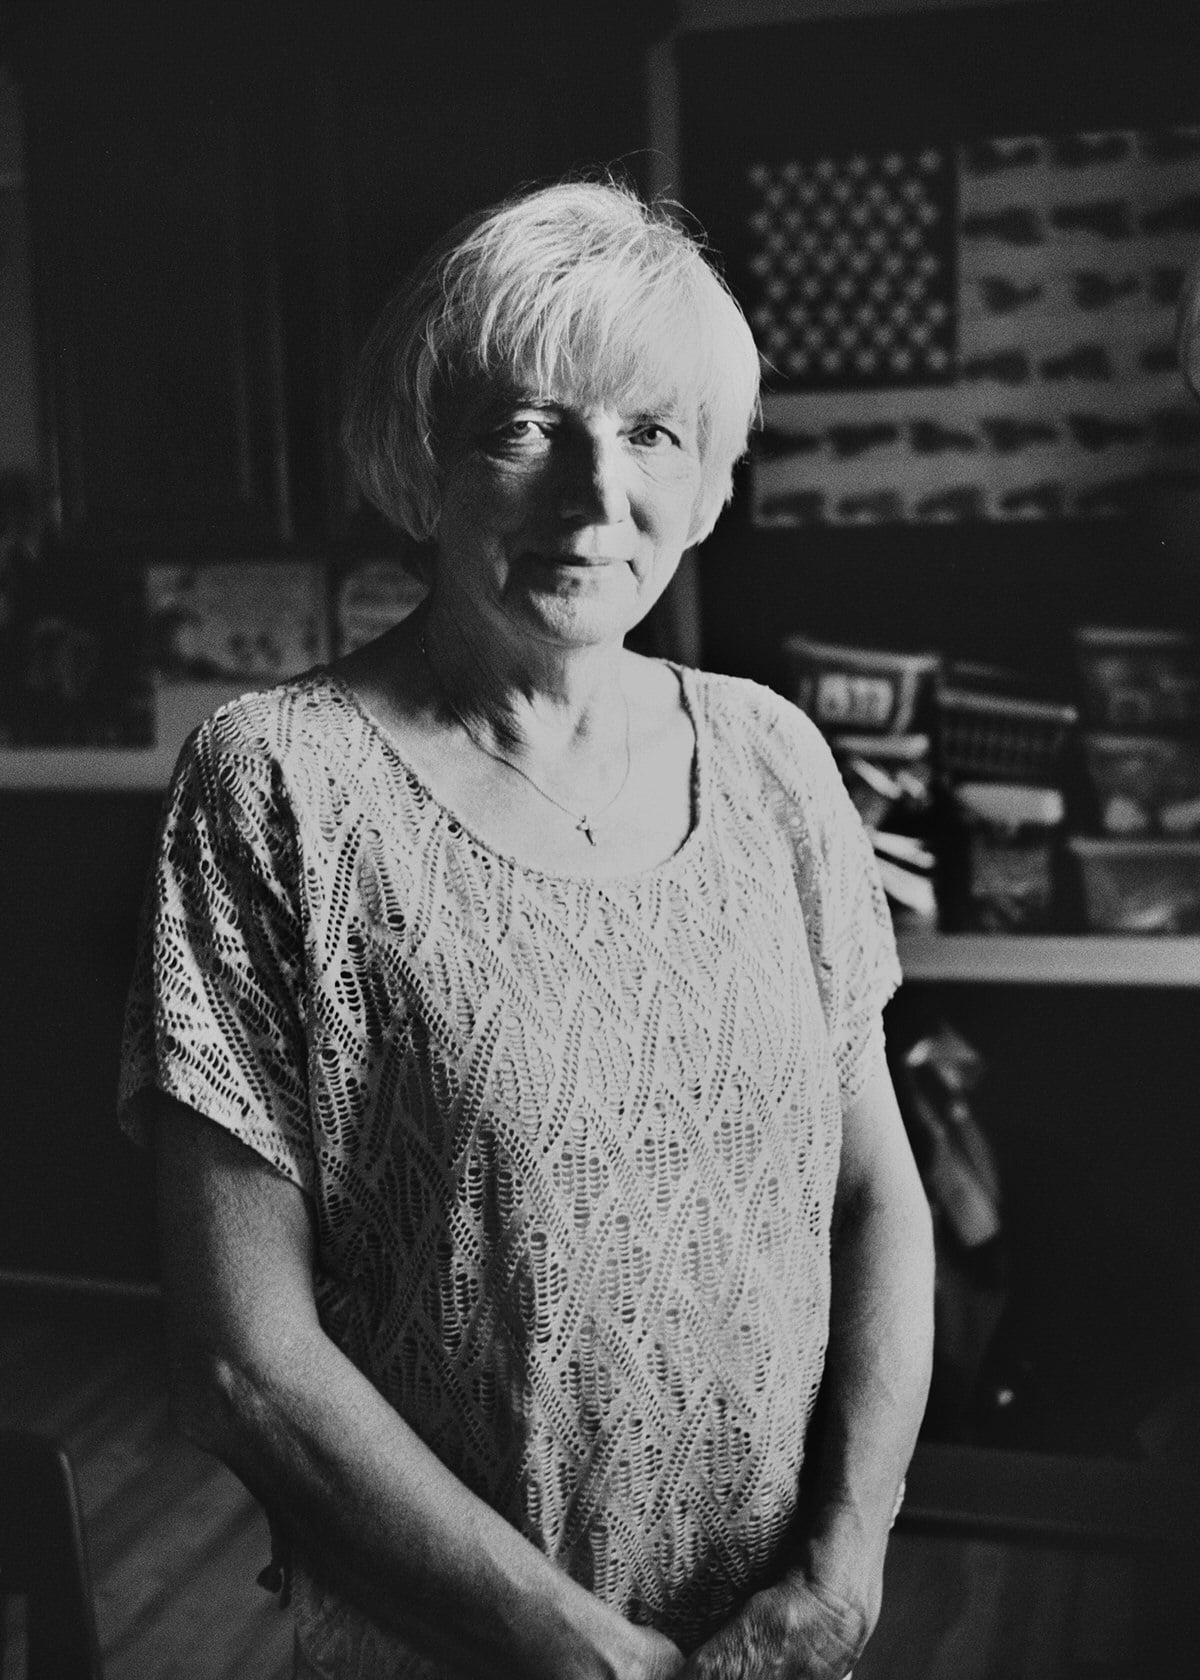 Illuminating-women_exhibition-black-and-white-fine-art-film-photography-of-Marcie-Schneider-by-Studio-L-photographer-Laura-Schneider-_11